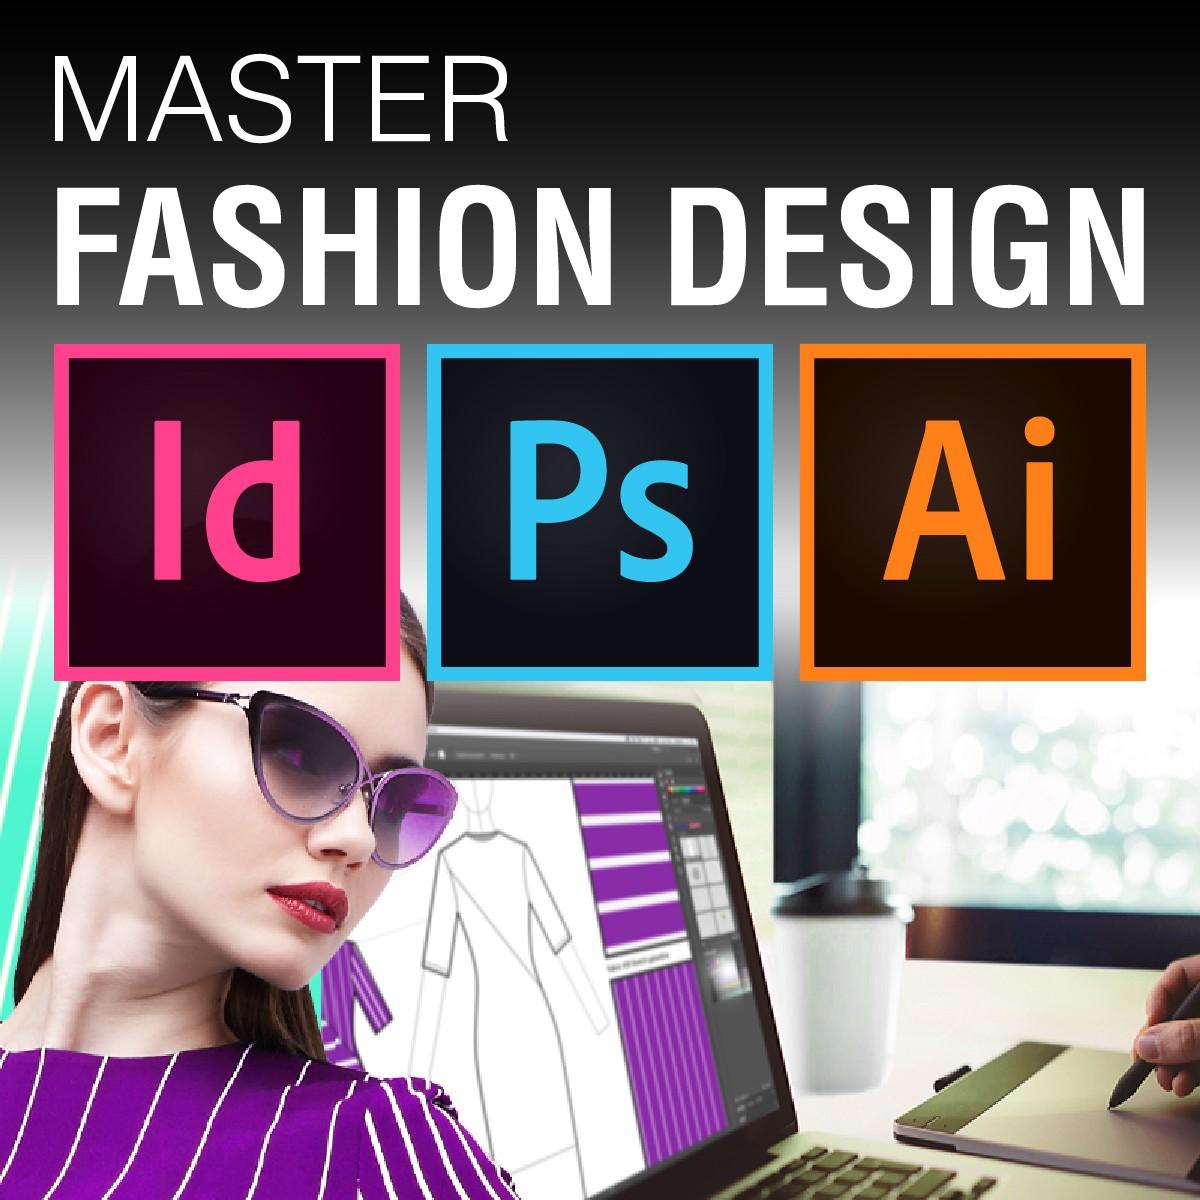 Master In Fashion Design Live Maggio 2018 Pagina Di Acquisto Del Corso